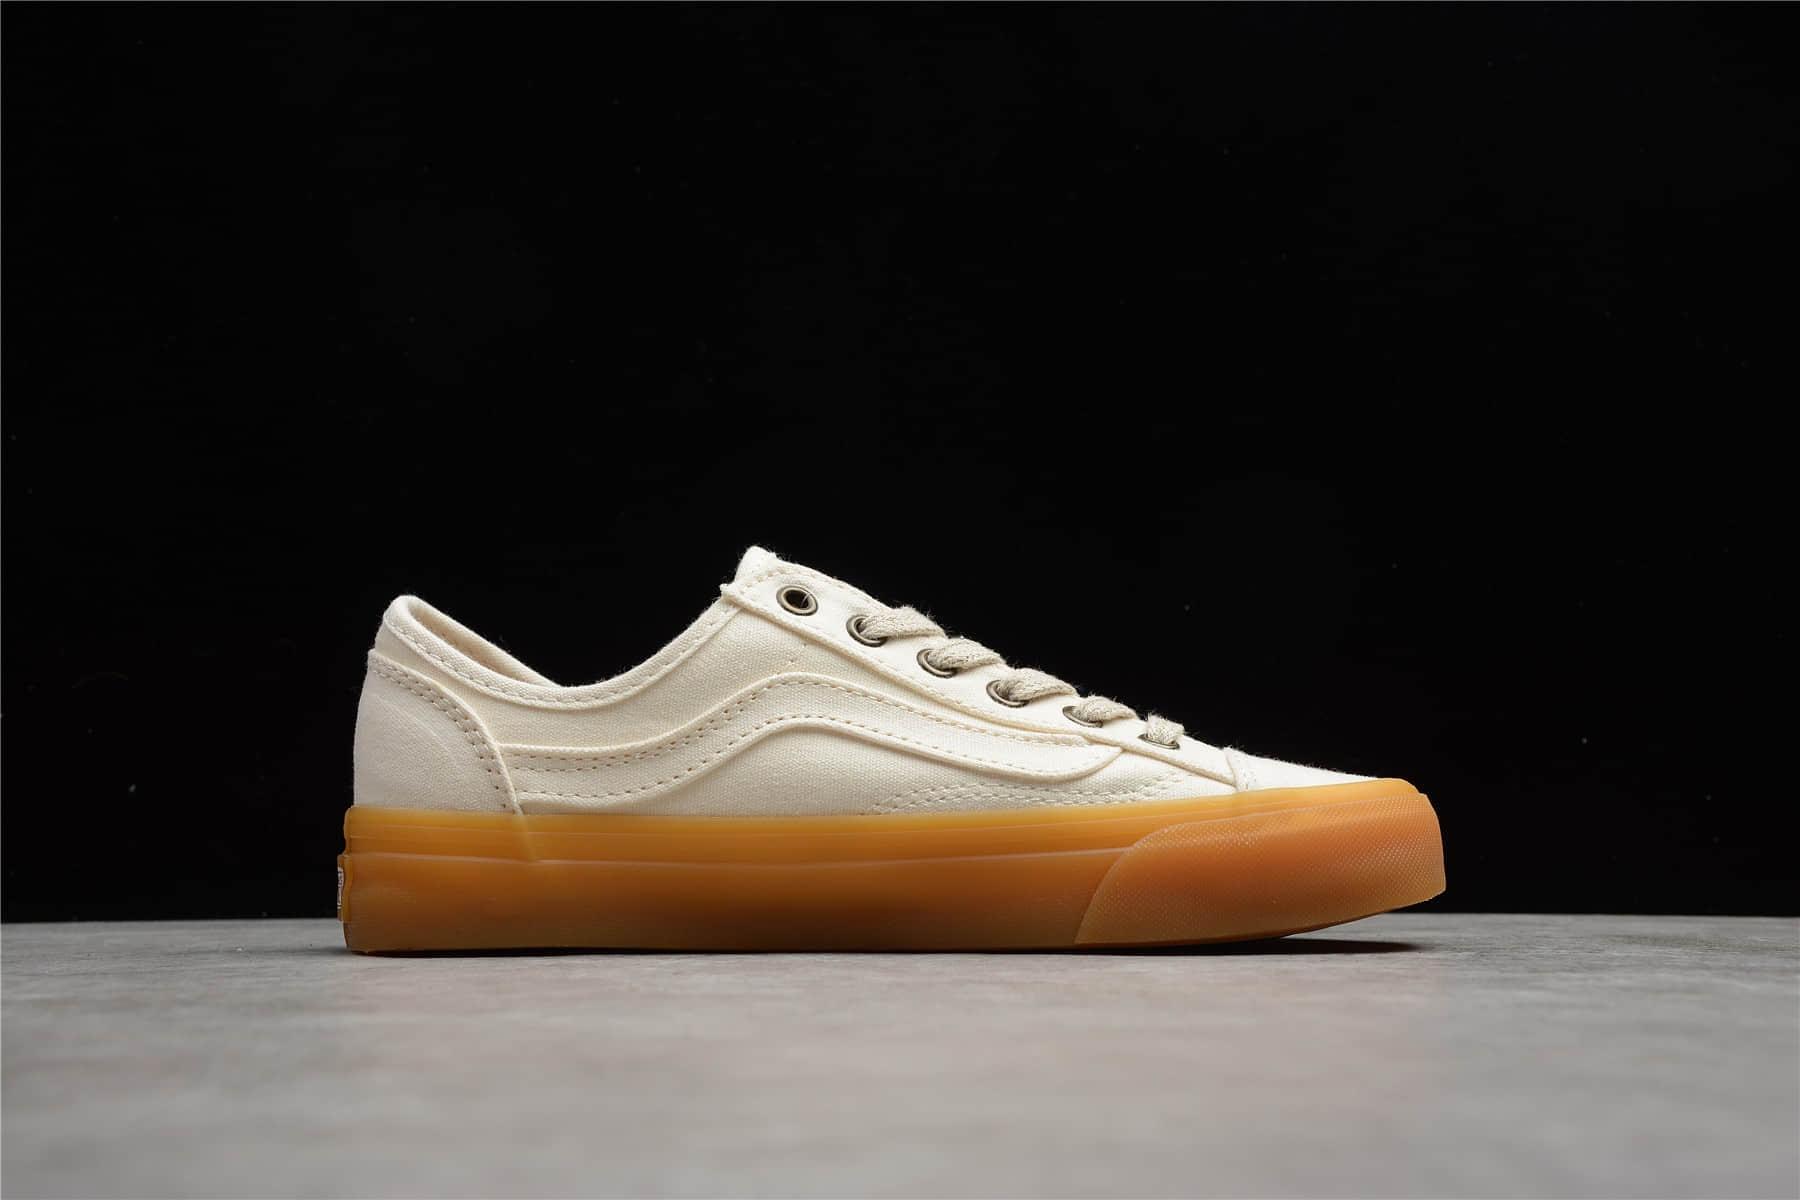 万斯低帮韩国限定米白生胶 Vans Style 36 万斯白色低帮帆布鞋 万斯生胶板鞋 货号:VN0A4U3V8PP-潮流者之家